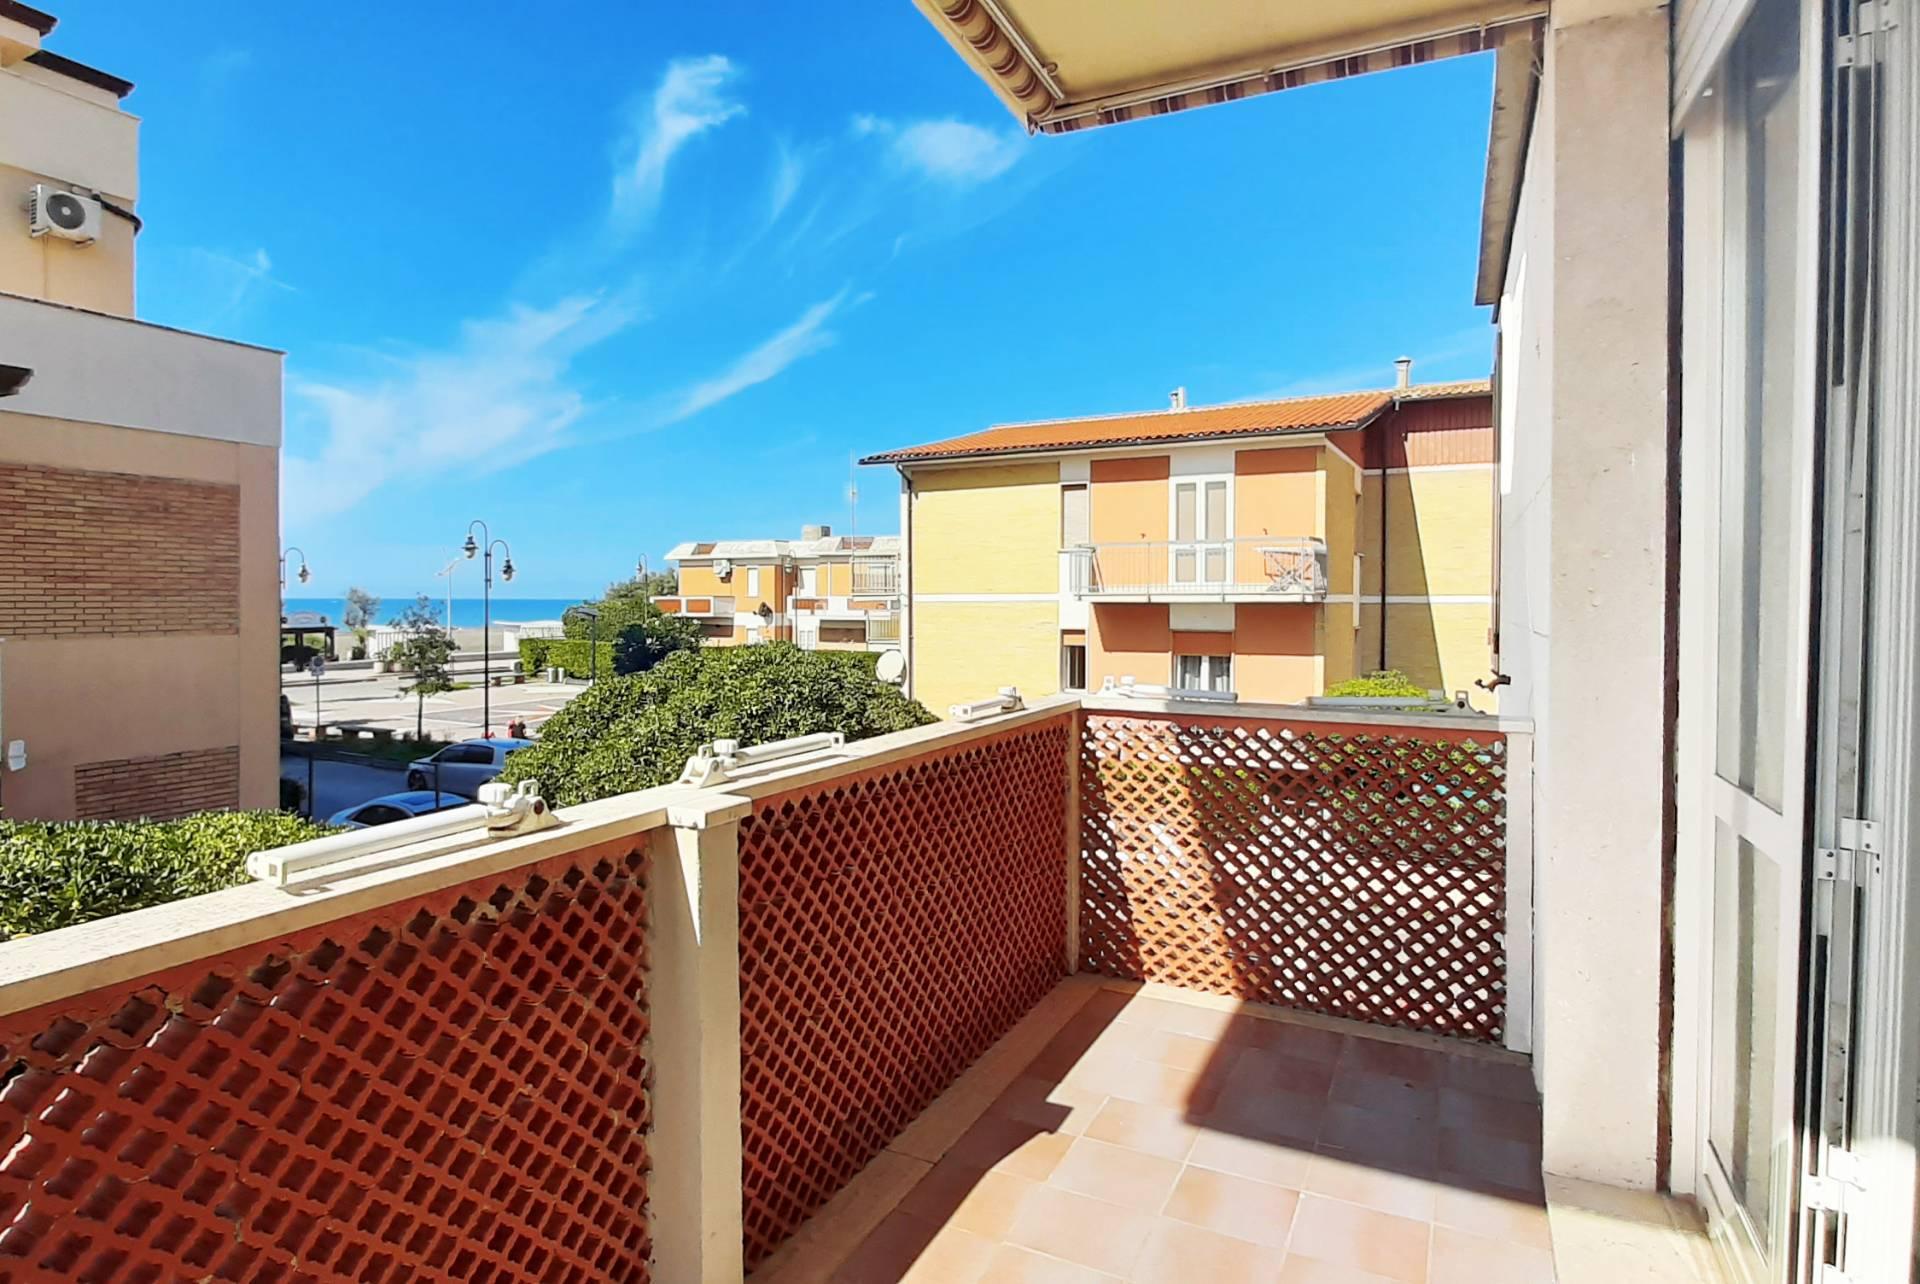 Appartamento in vendita a Tarquinia, 3 locali, zona Località: LidodiTarquinia, prezzo € 195.000 | CambioCasa.it